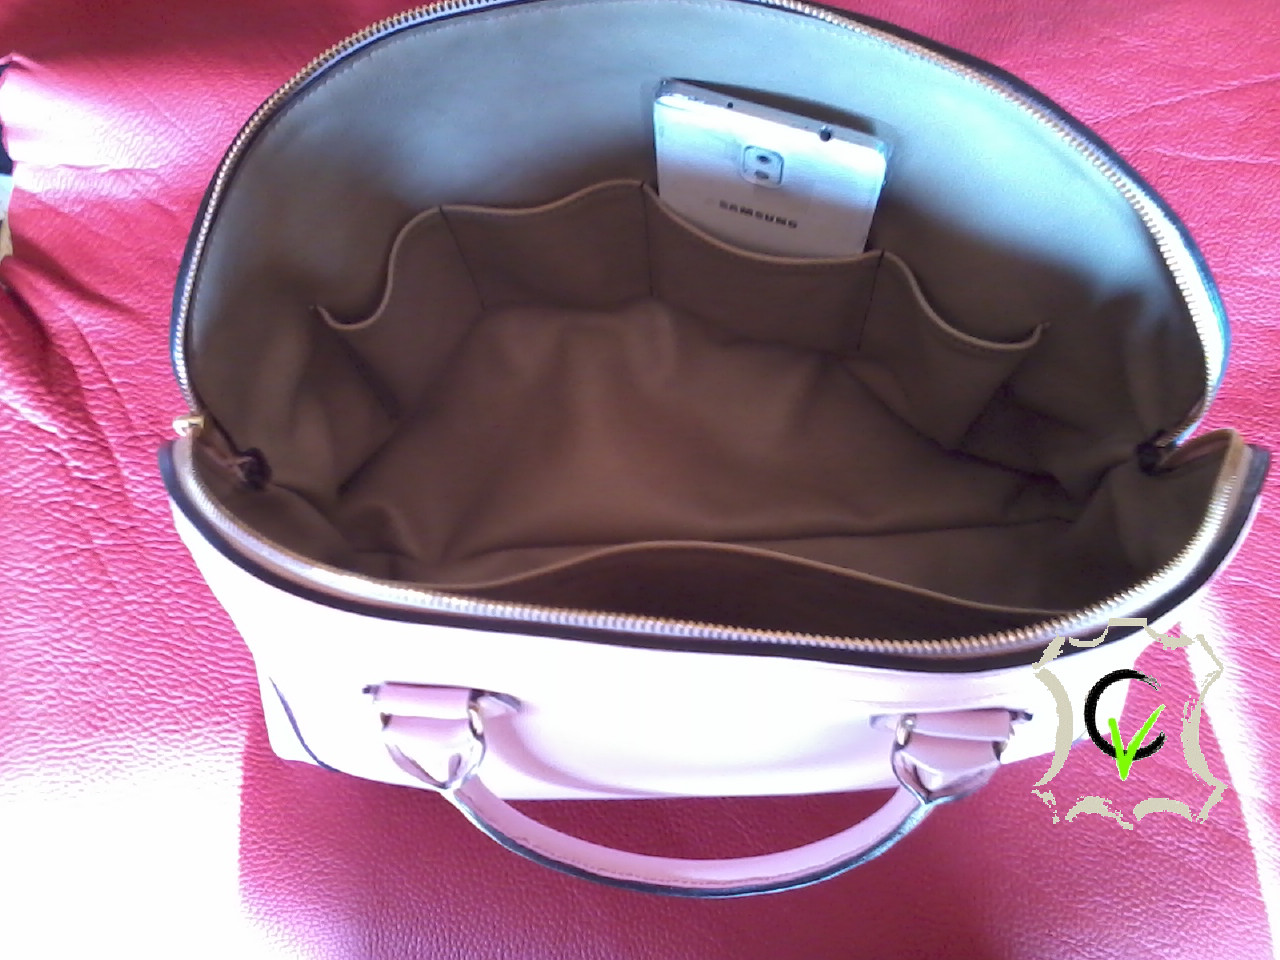 sac à main en cuir vachette rose, doublé cuir vachette beige, 1 poche, 4 pochettes, une poche pour stylo